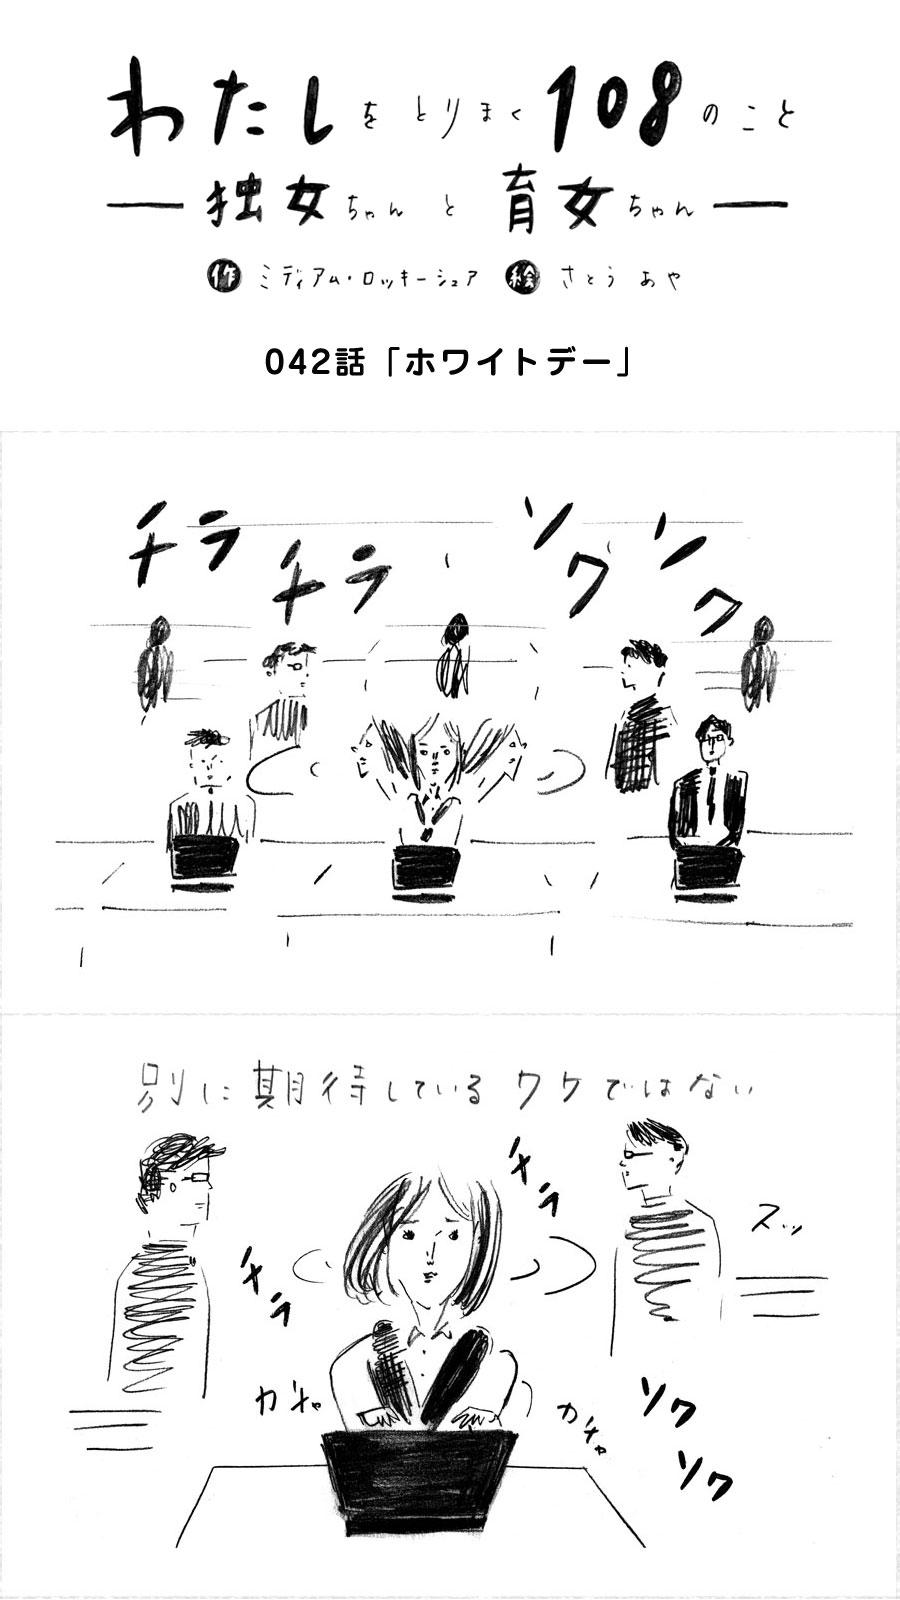 042_ホワイトデー_独女ちゃん_000